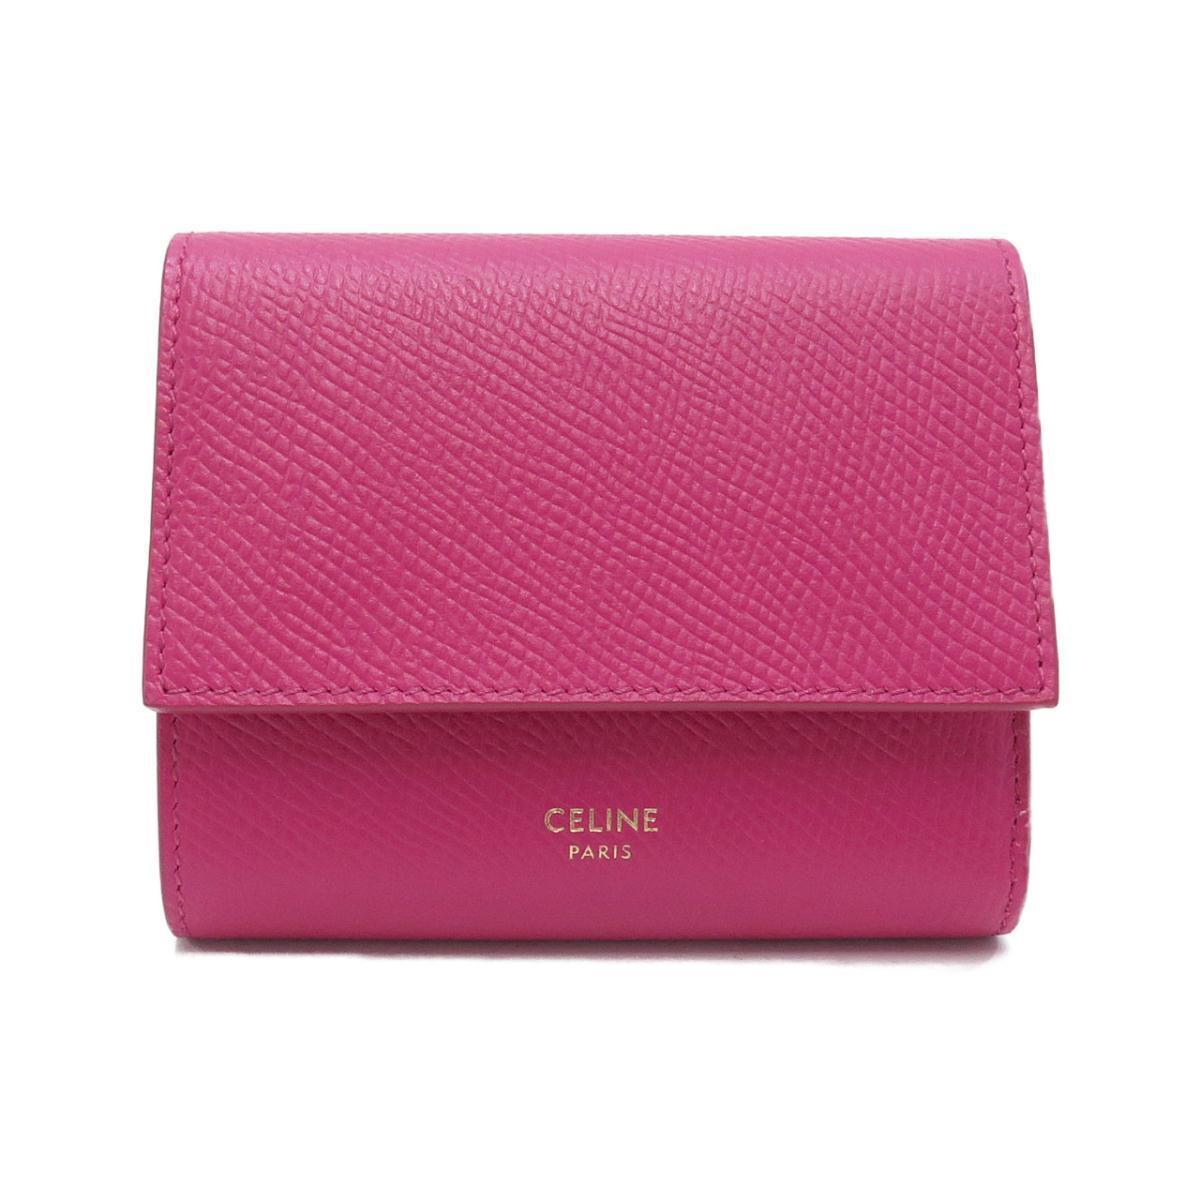 ピンク色のミニ財布